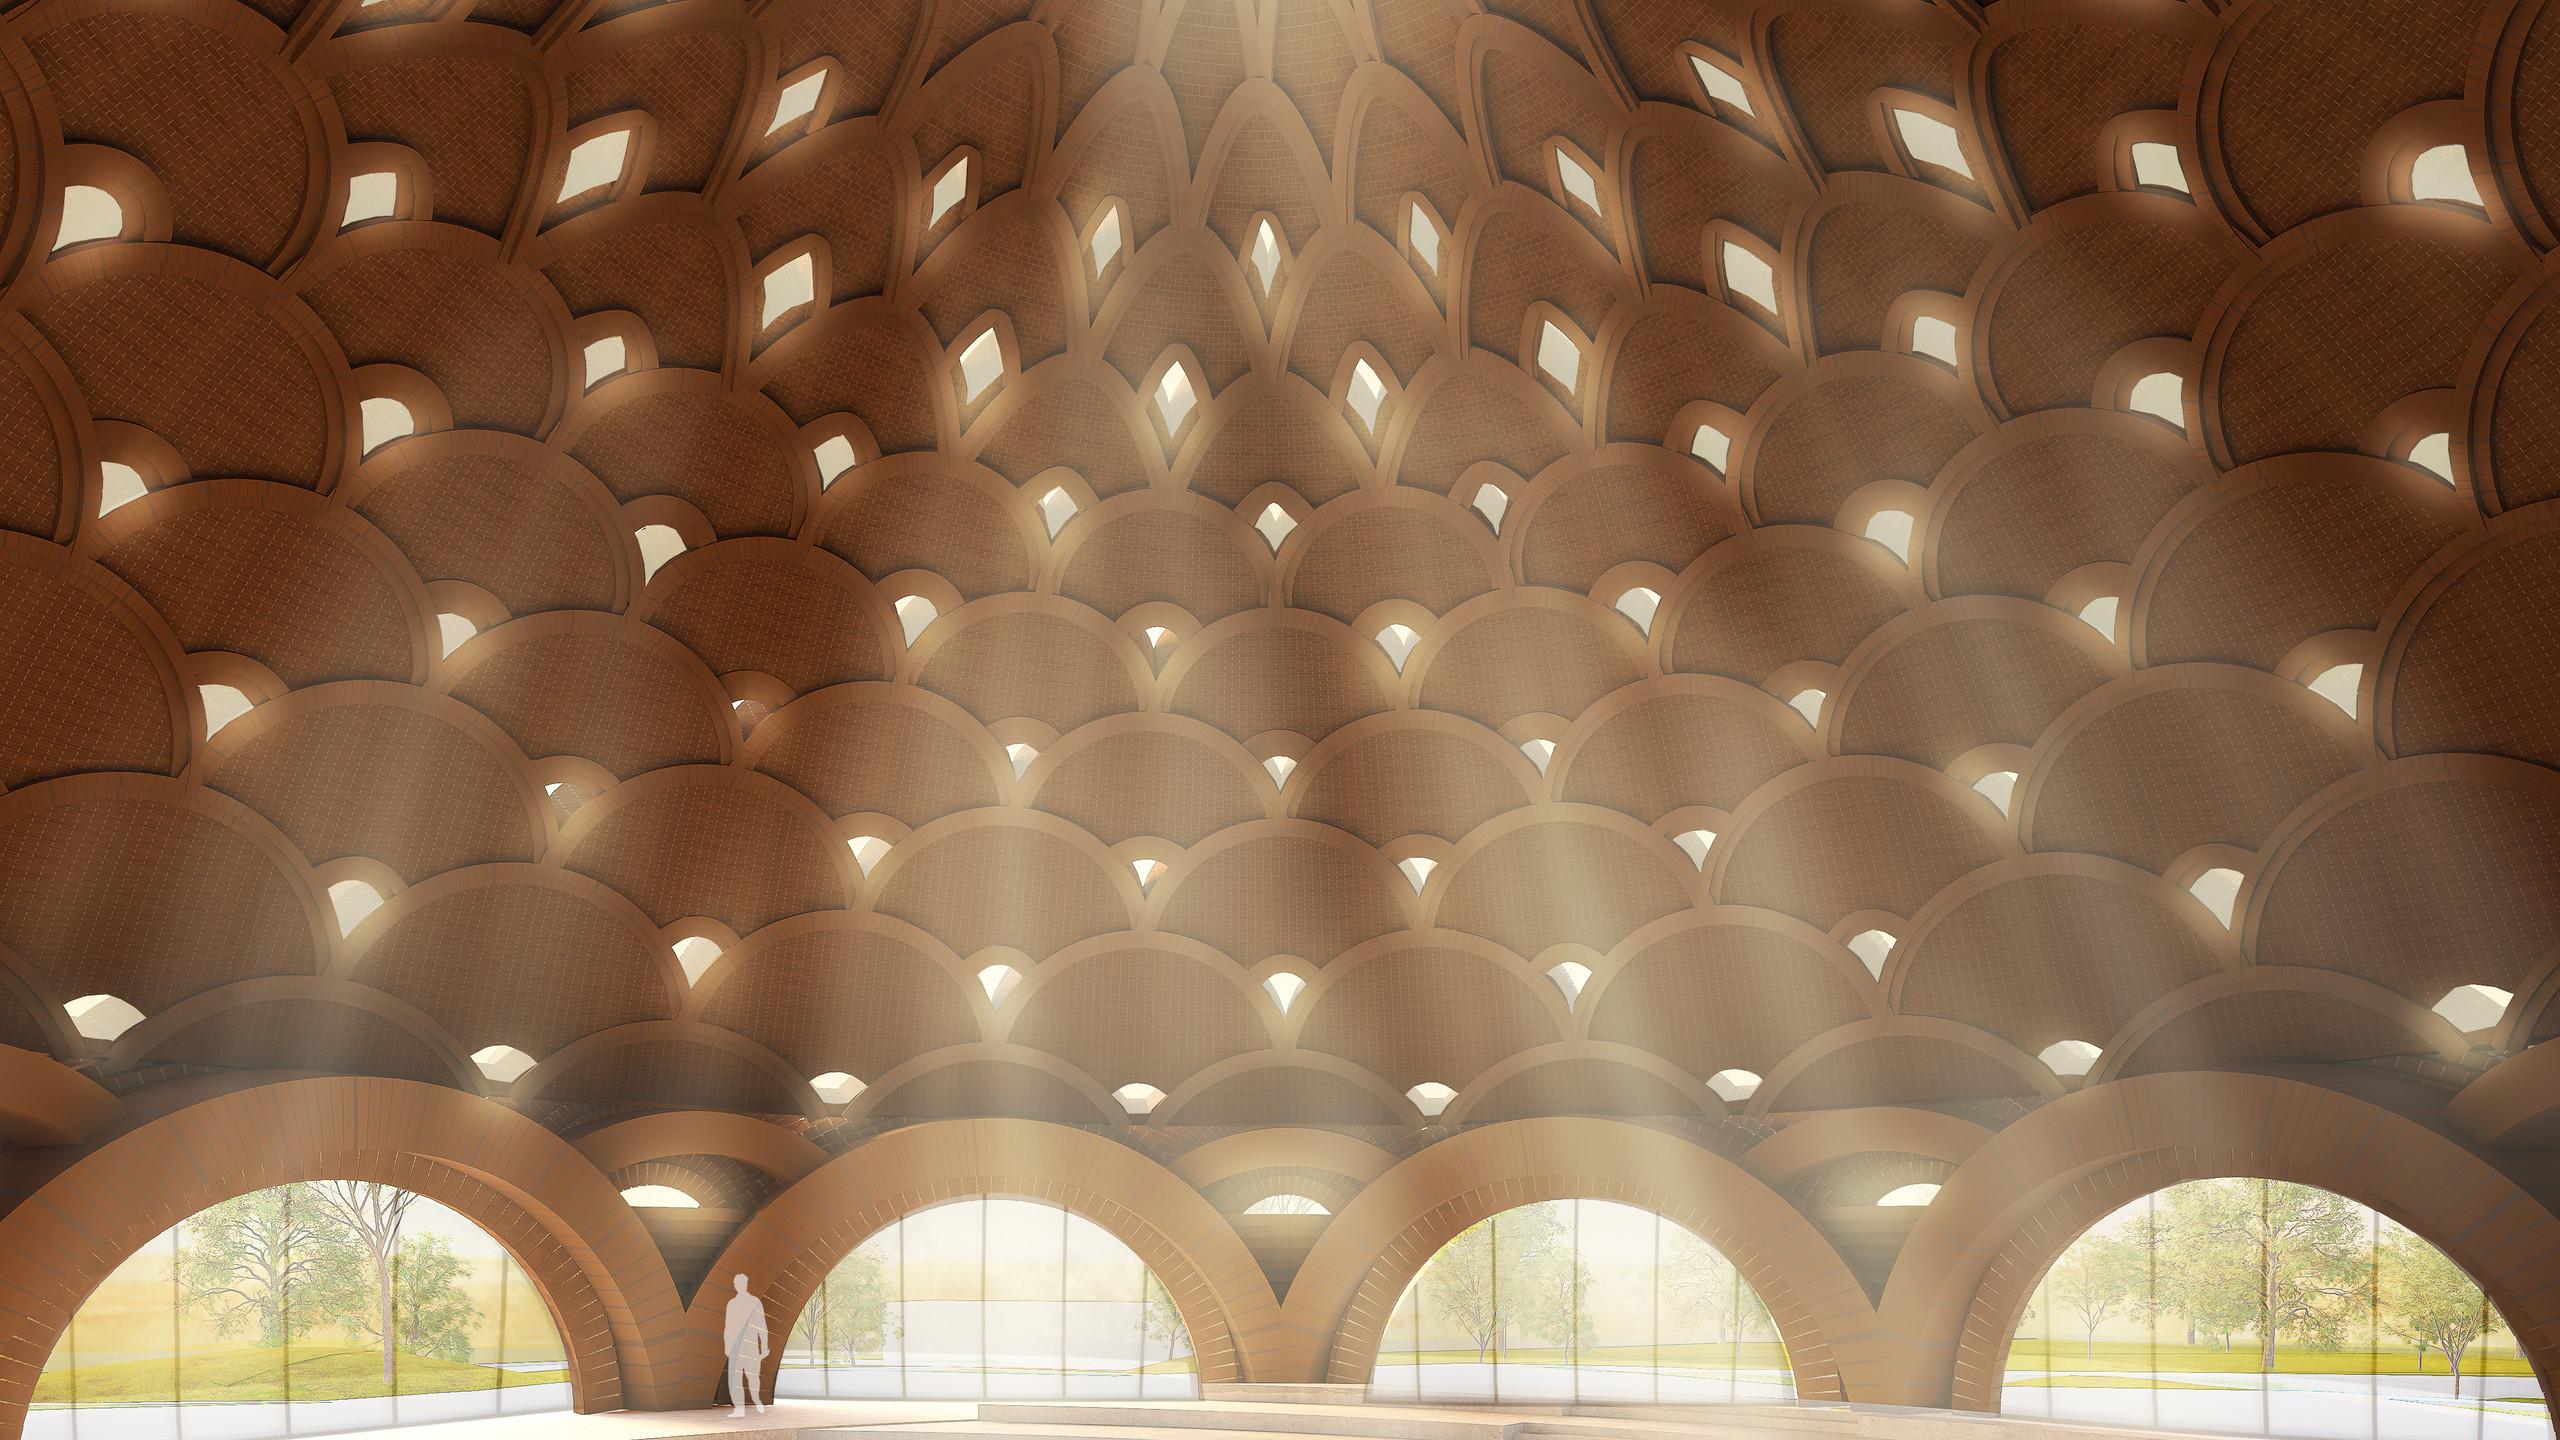 As aberturas no centro do domo e em cada anel de arcos ajudarão a reduzir o peso do teto e permitirão a entrada de uma luz suave.